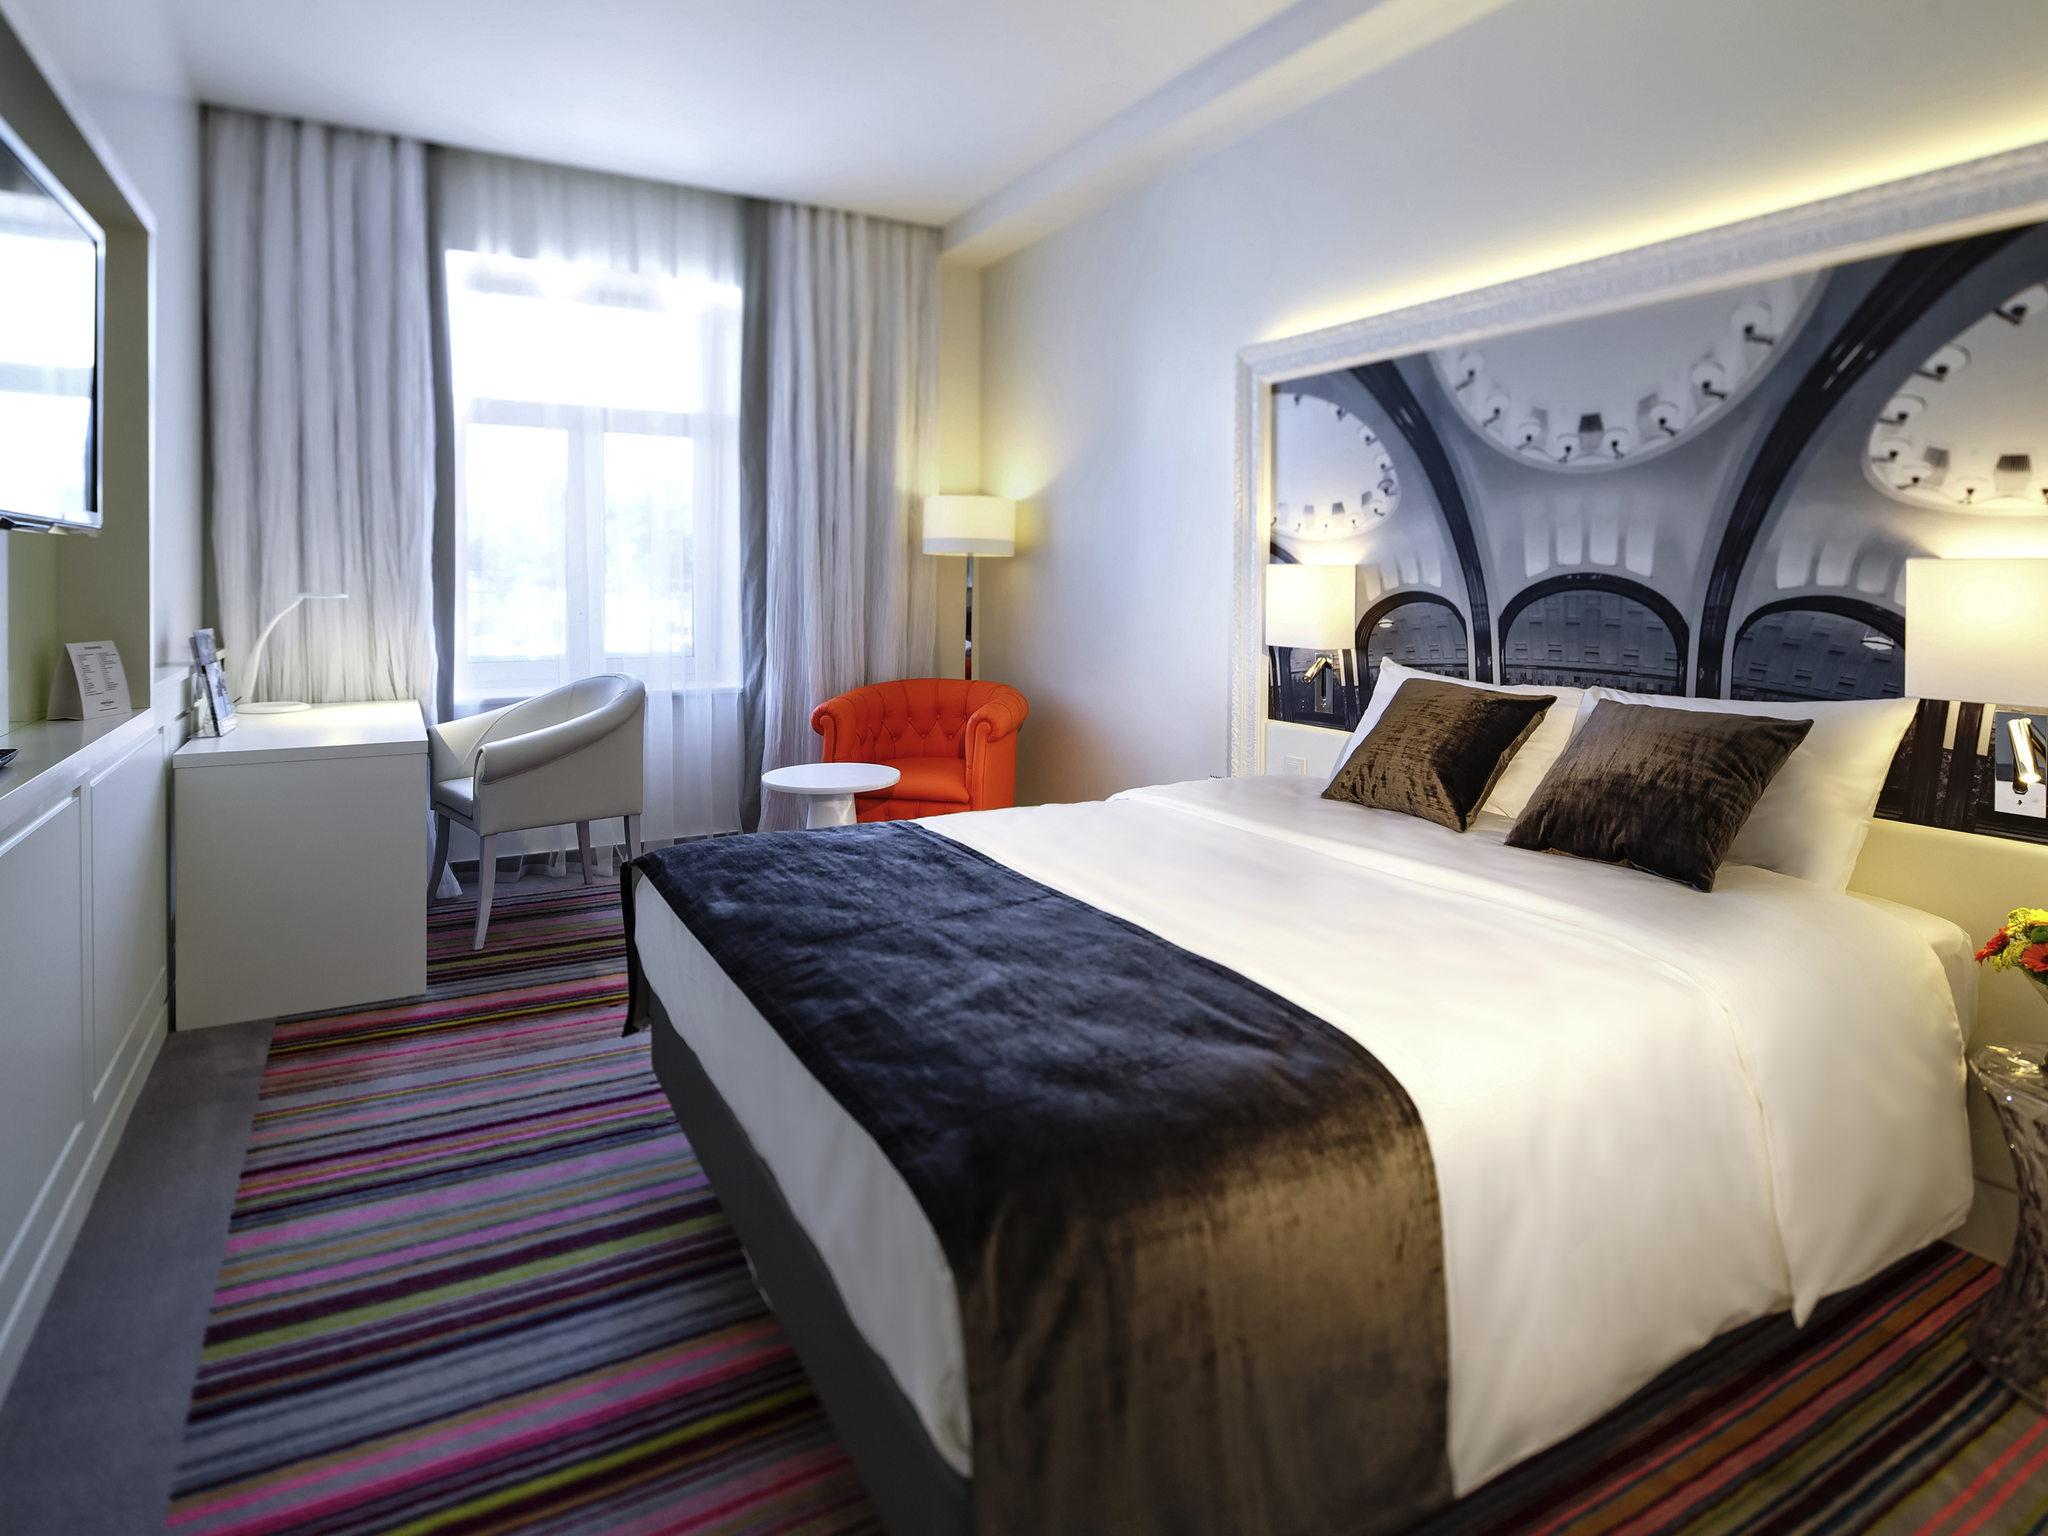 فندق - مركيور MERCURE موسكو بومانسكايا